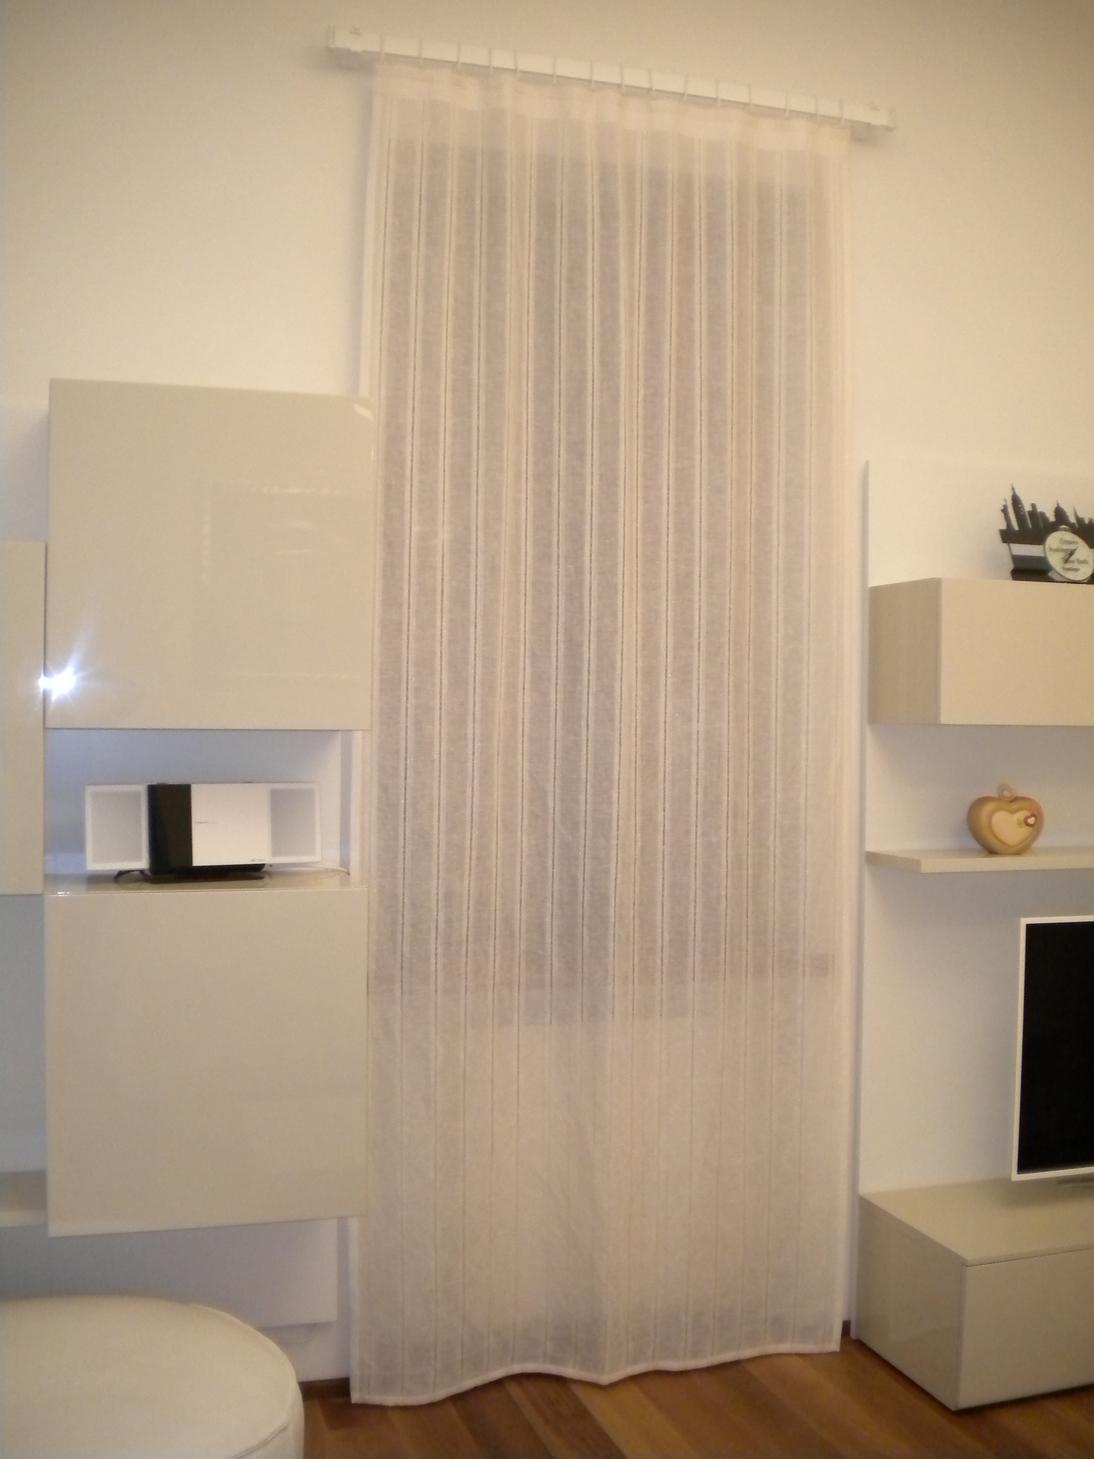 Arredare Con Tende Moderne.Tende Arredamento Moderno Stunning Luarte Si Compone Di Molti